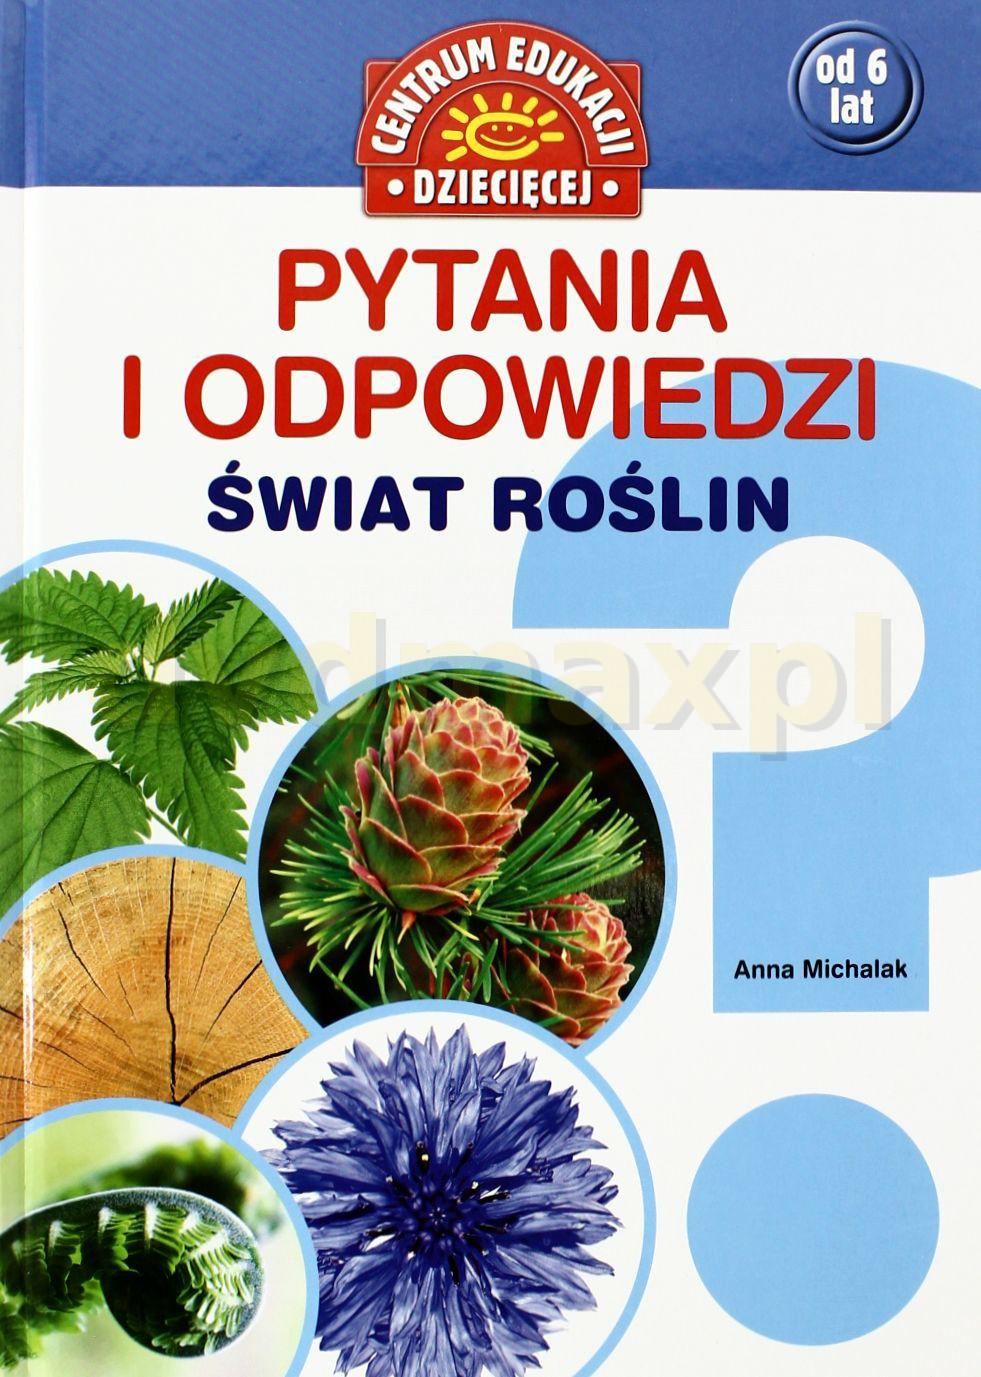 Pytania i odpowiedzi. Świat roślin - Michalak Anna [KSIĄŻKA] - Michalak Anna